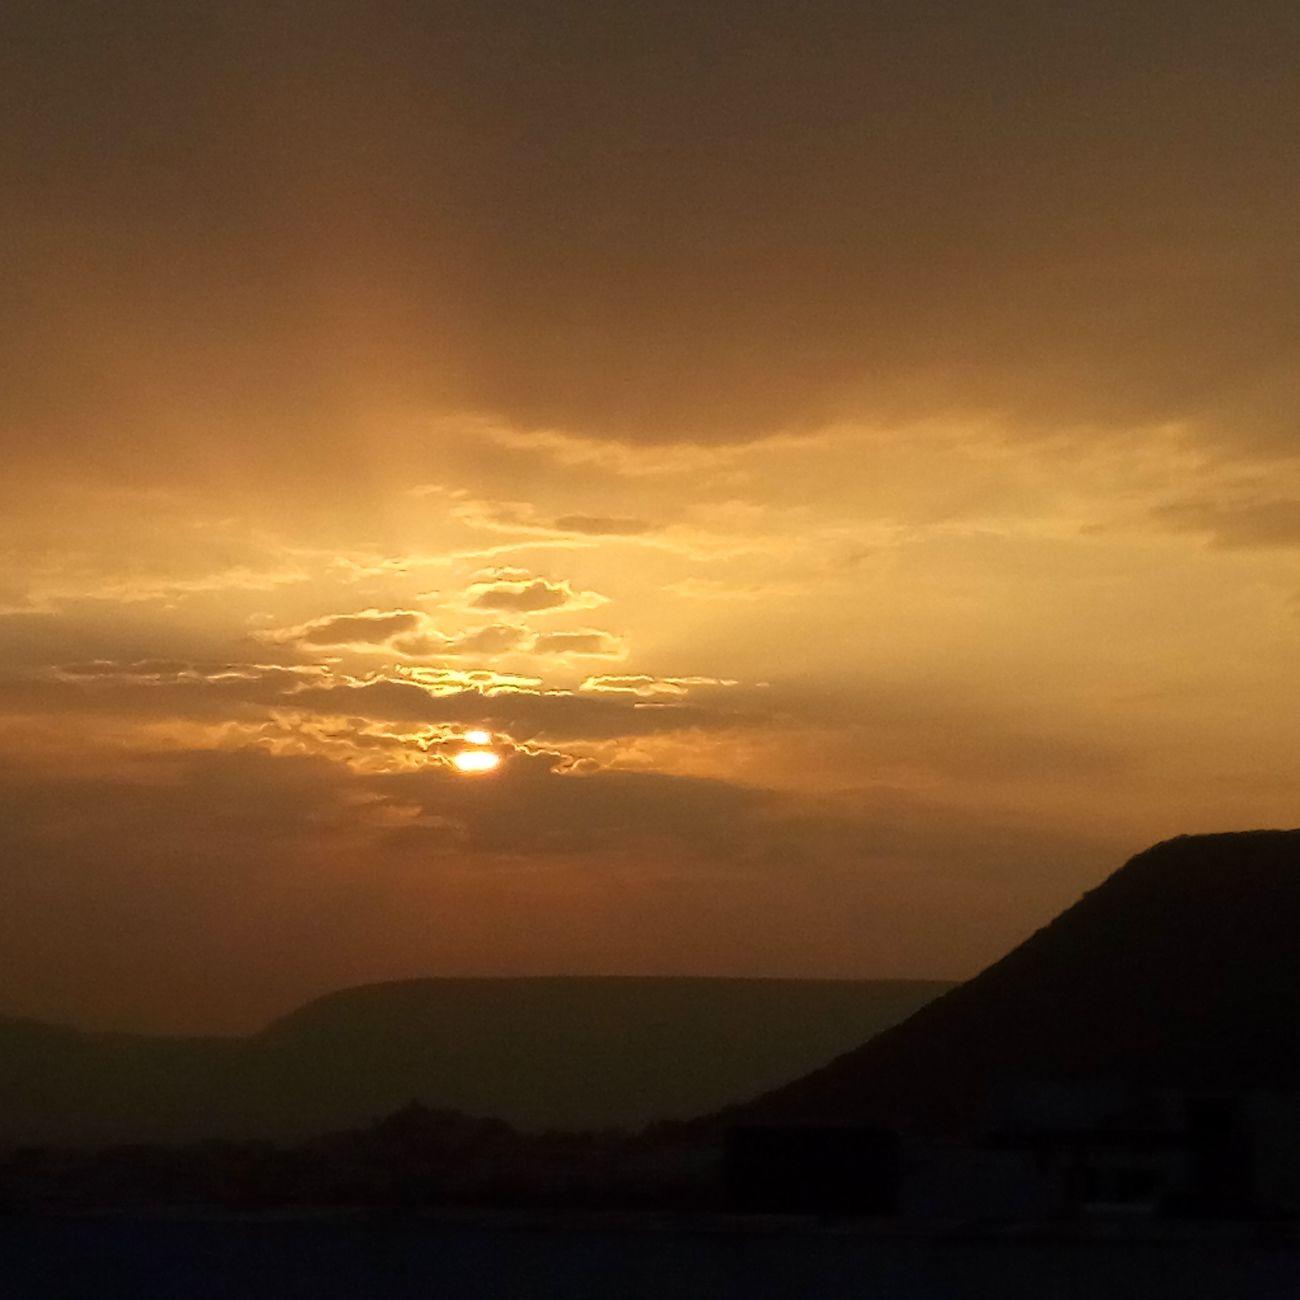 No sunset is ever the same. Visakhapatnam India_clicks Sunsetporn Followme Follow4follow Followback likeforlike #likemyphoto #qlikemyphotos #like4like #likemypic #likeback #ilikeback #10likes #50likes #100likes 20likes likere